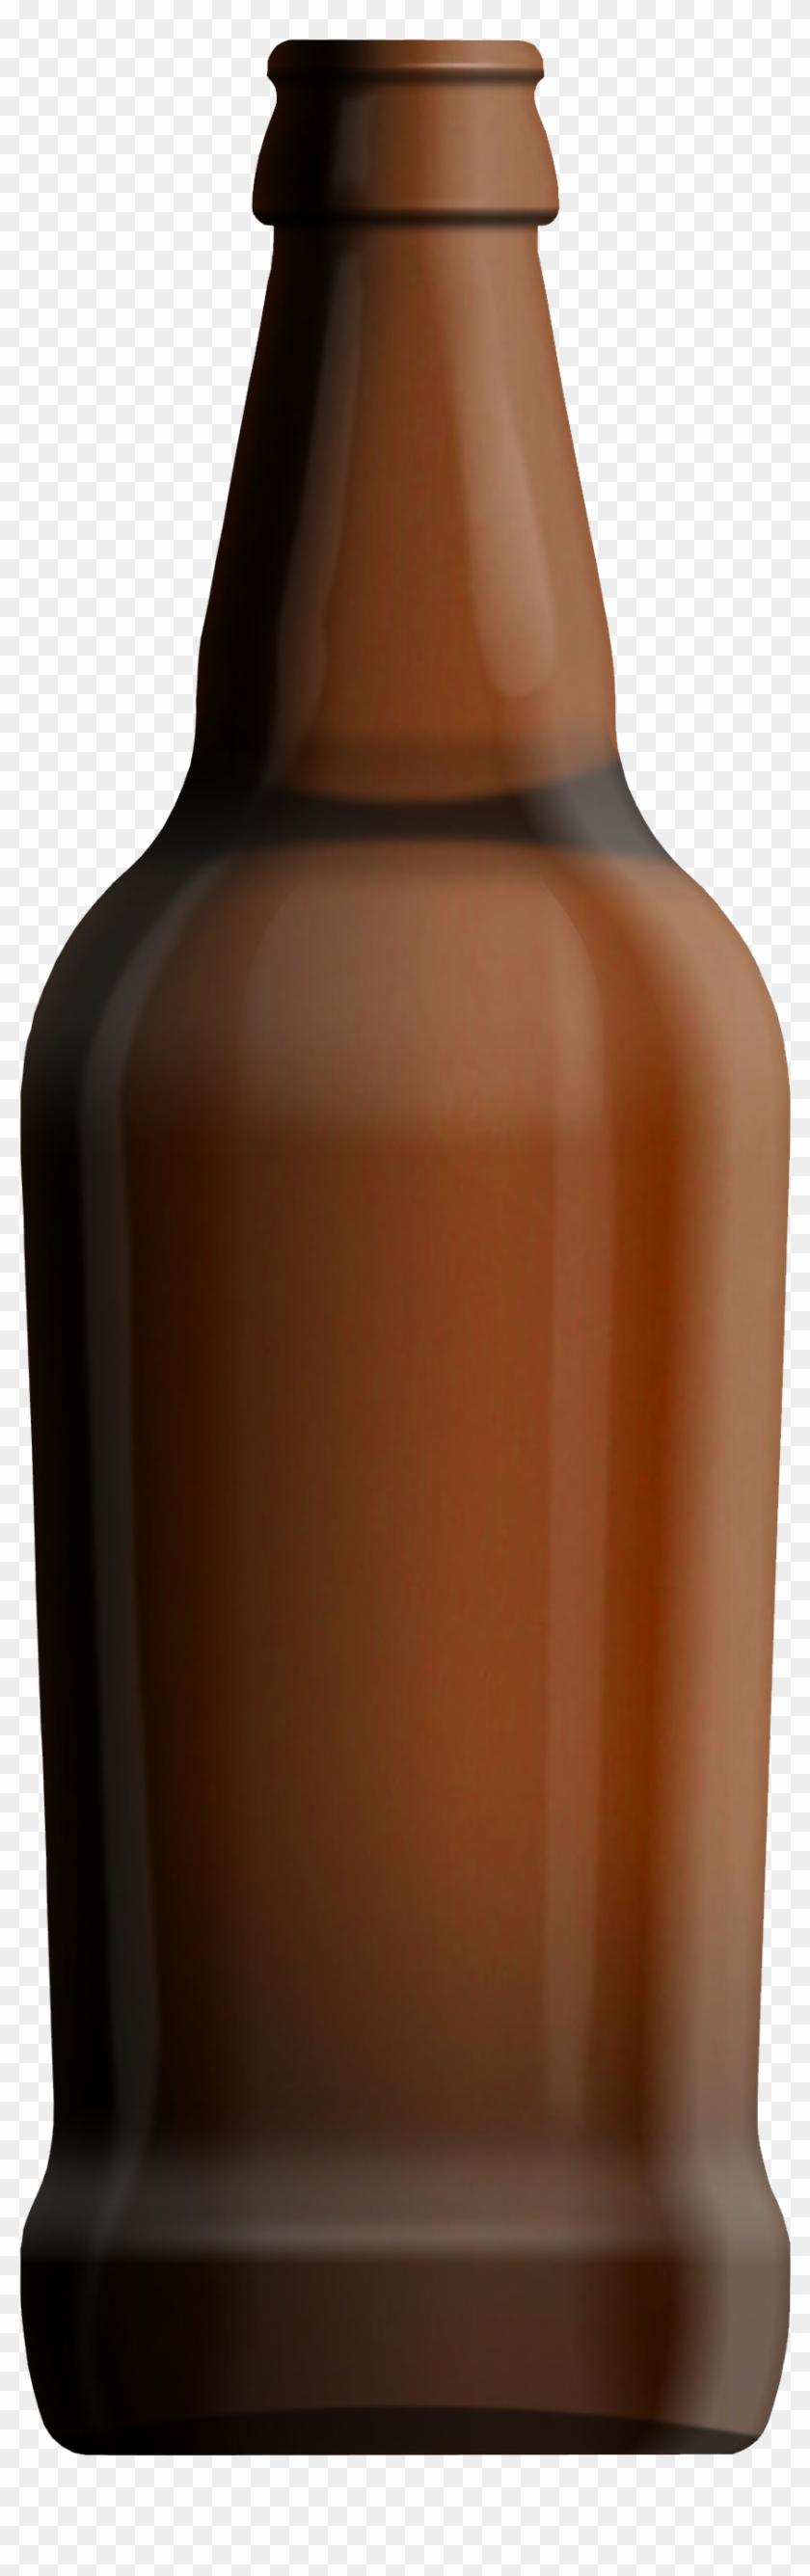 Beer Bottle Transparent Png #96784